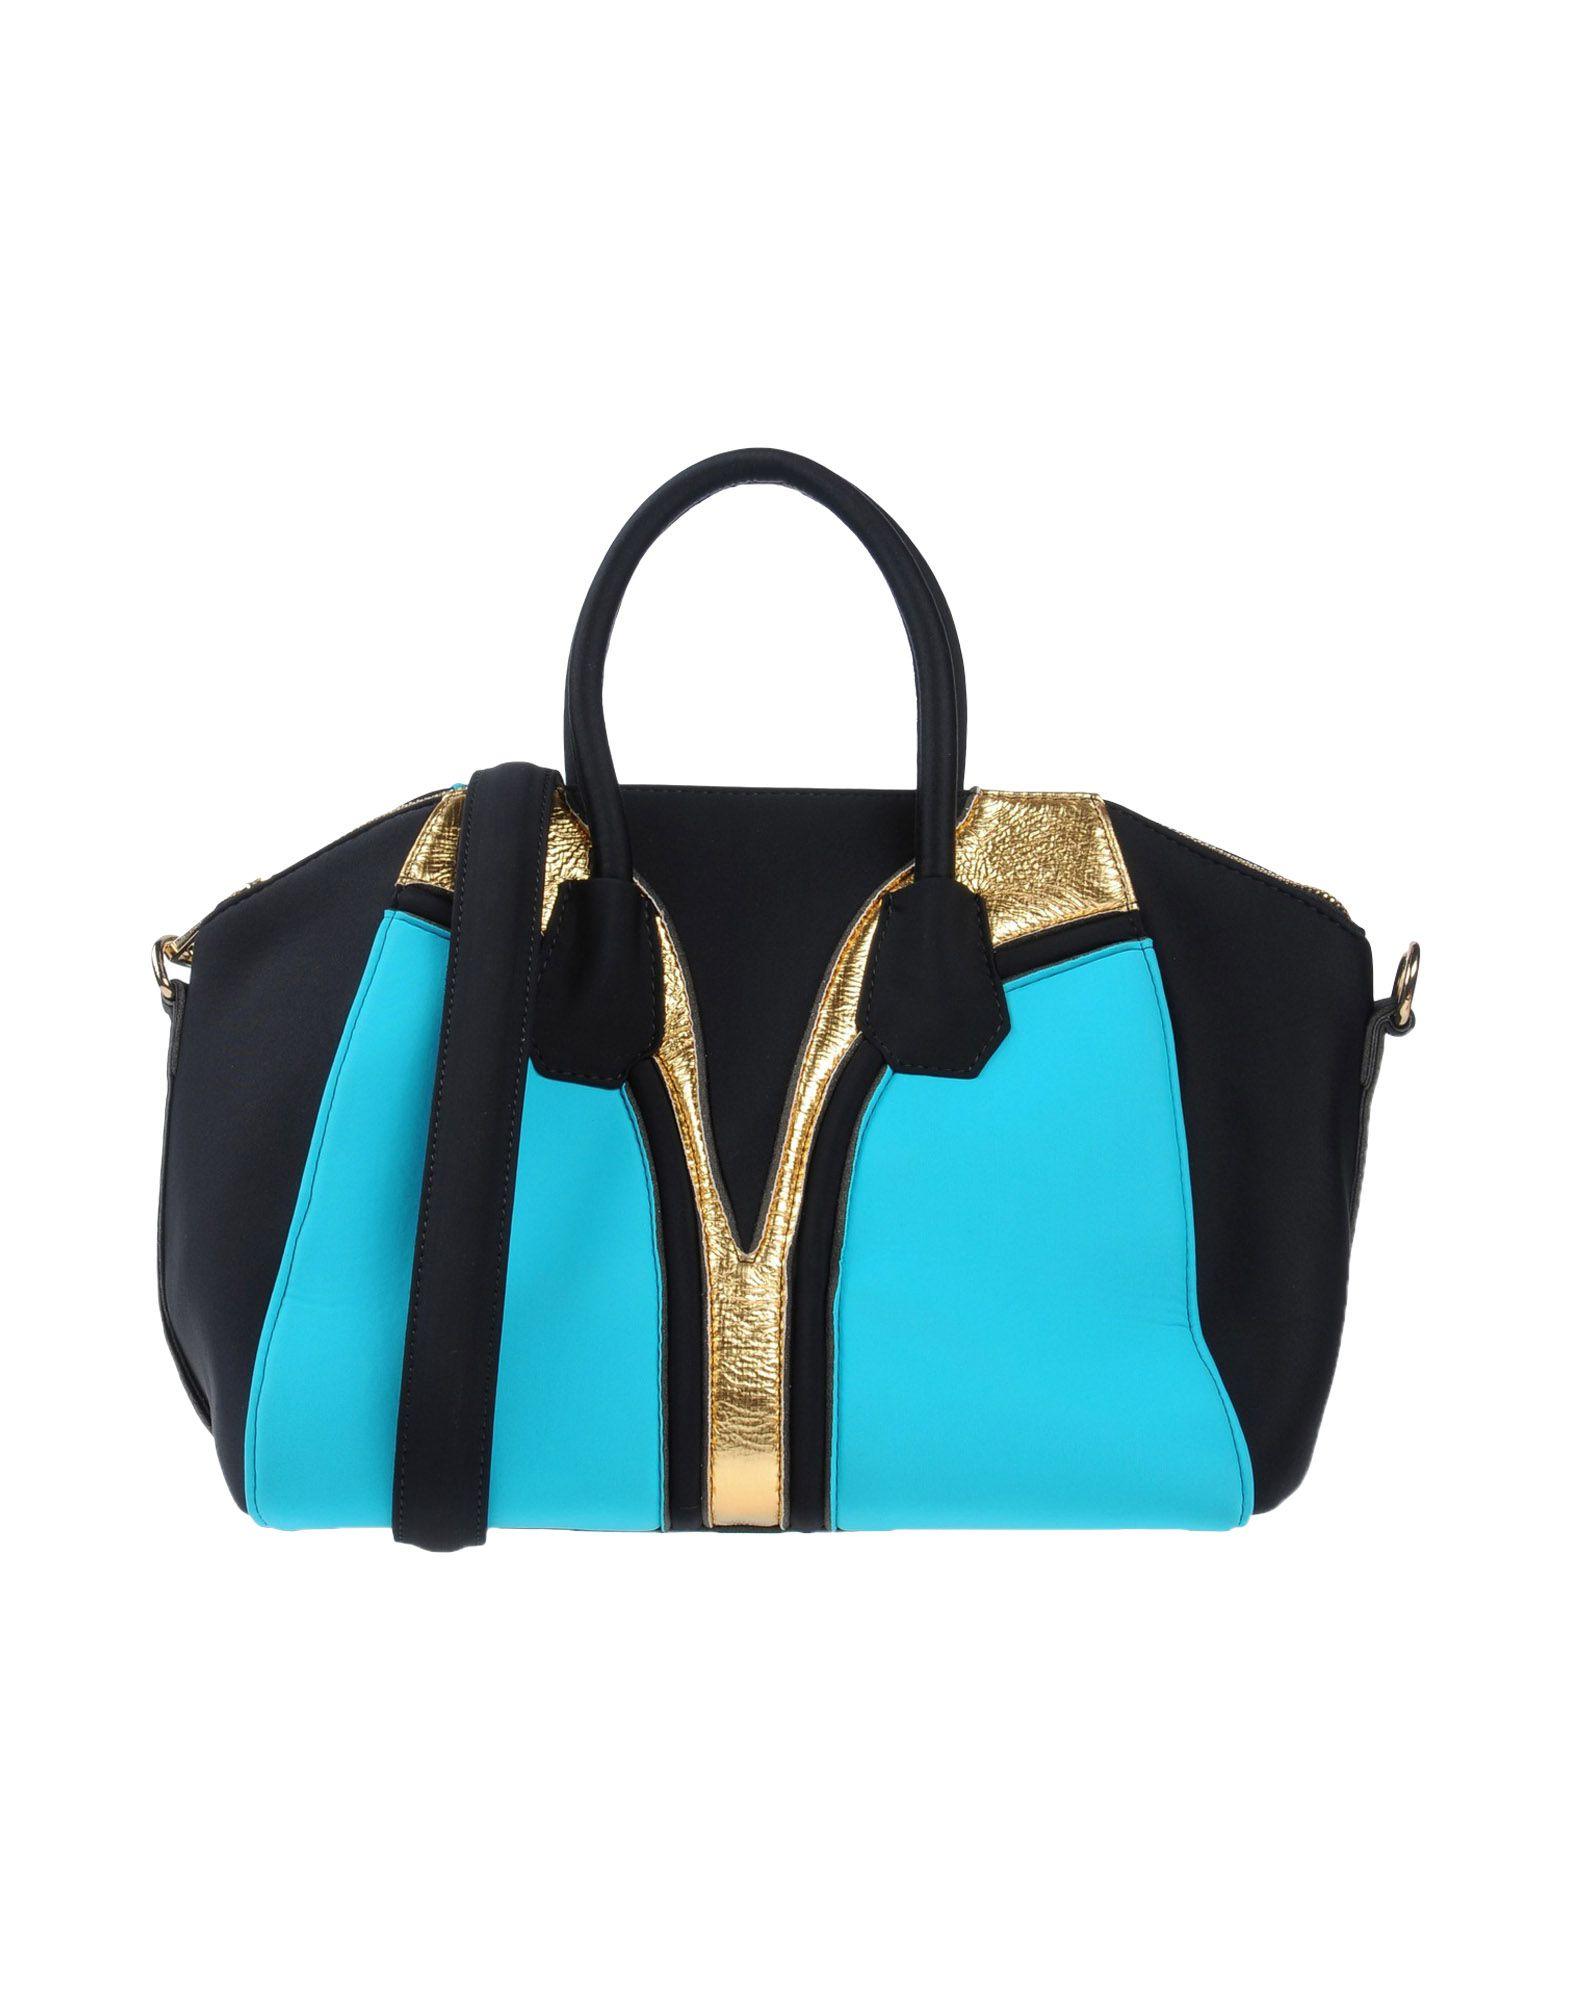 《送料無料》VIA MAIL BAG レディース ハンドバッグ ターコイズブルー 紡績繊維